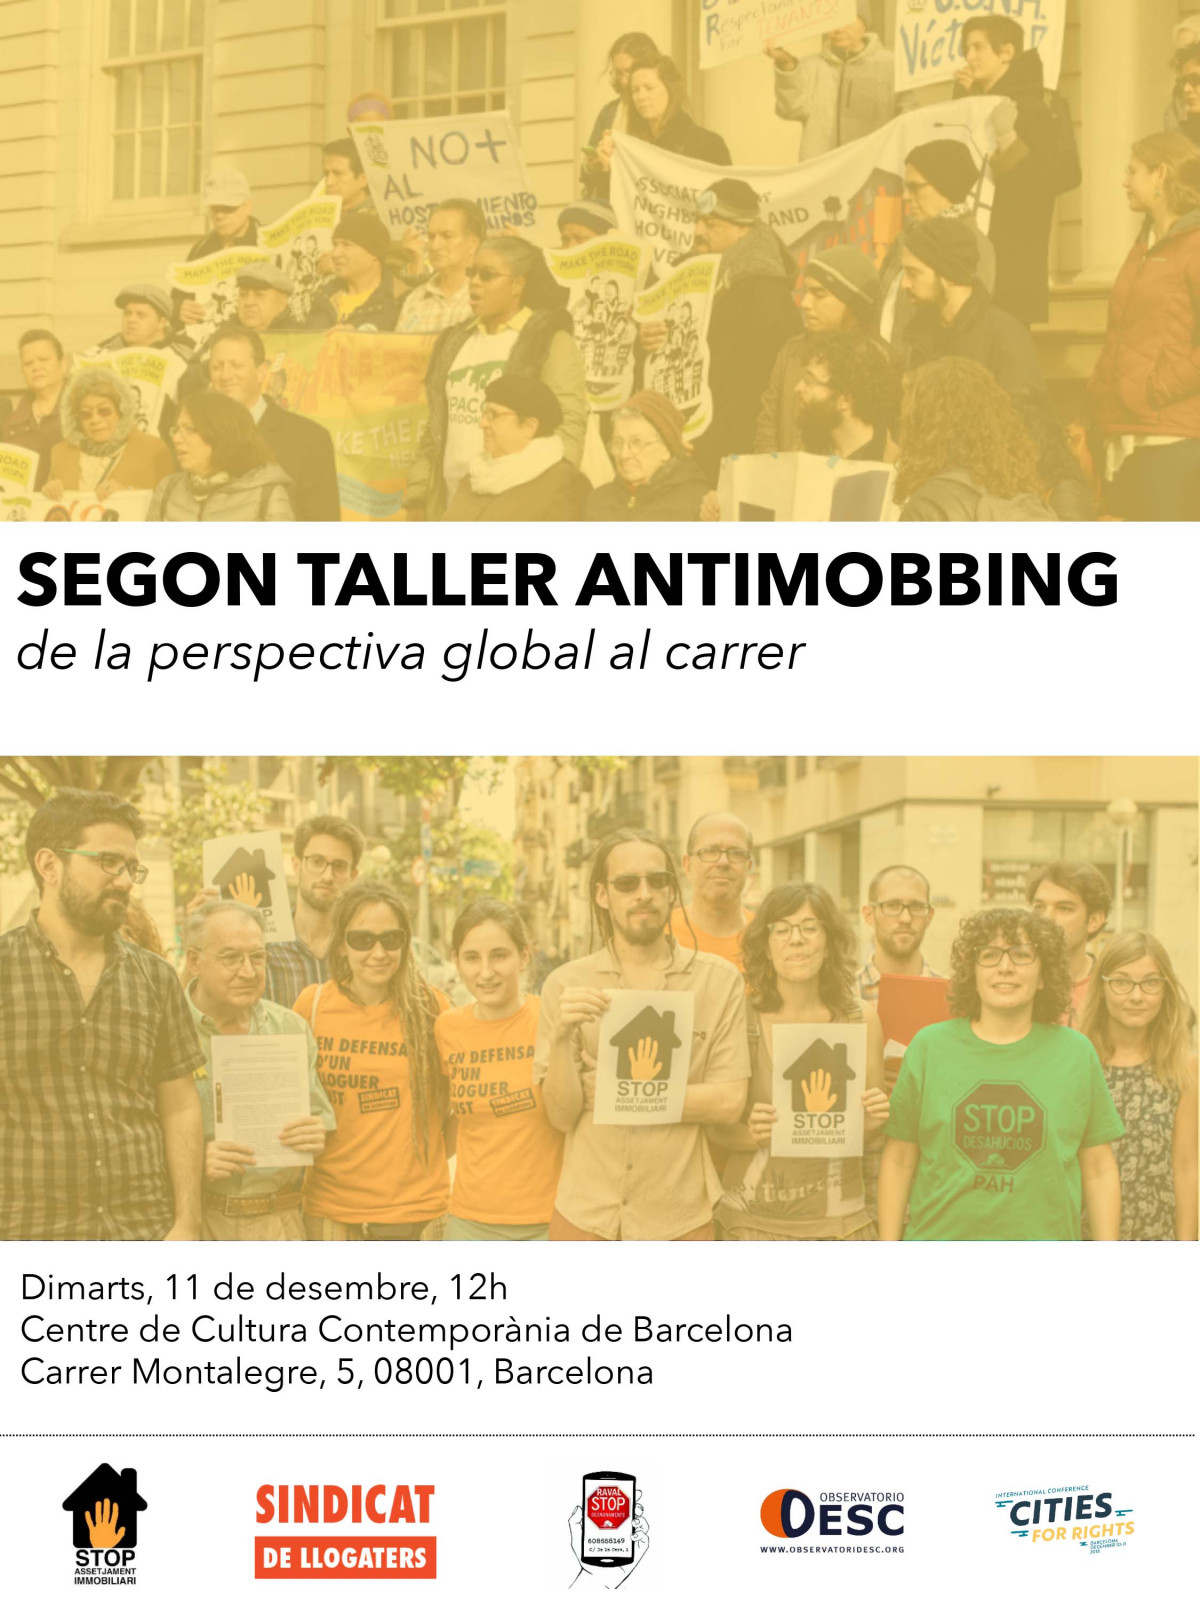 segon_taller_anti_moobing_